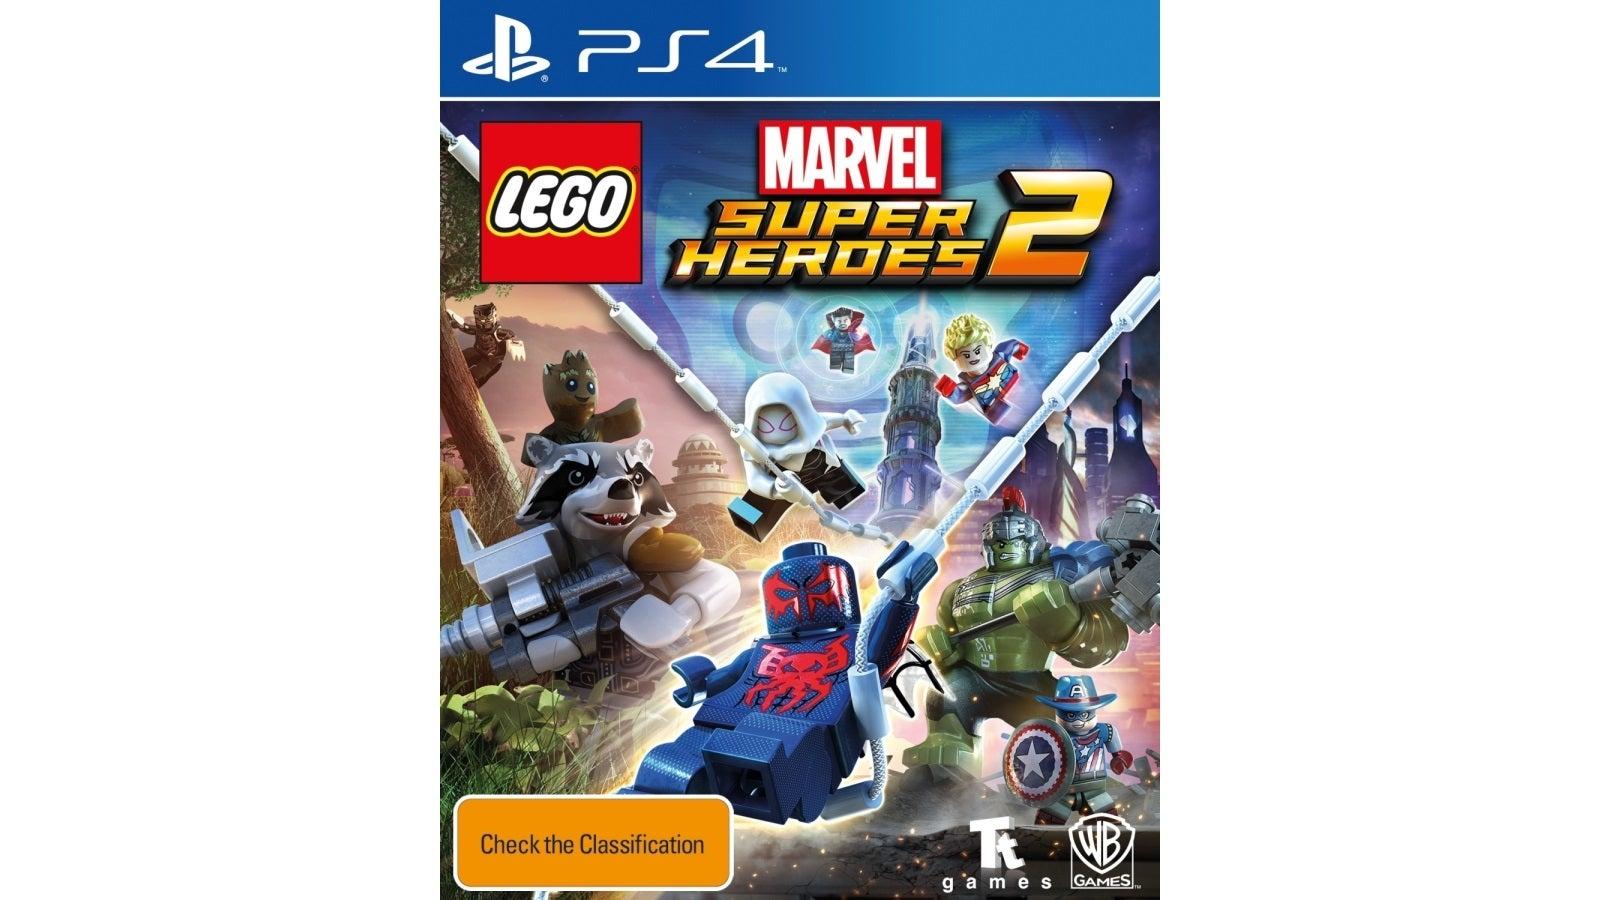 Warner Bros LEGO Marvel Super Heroes 2 PS4 Playstation 4 Game